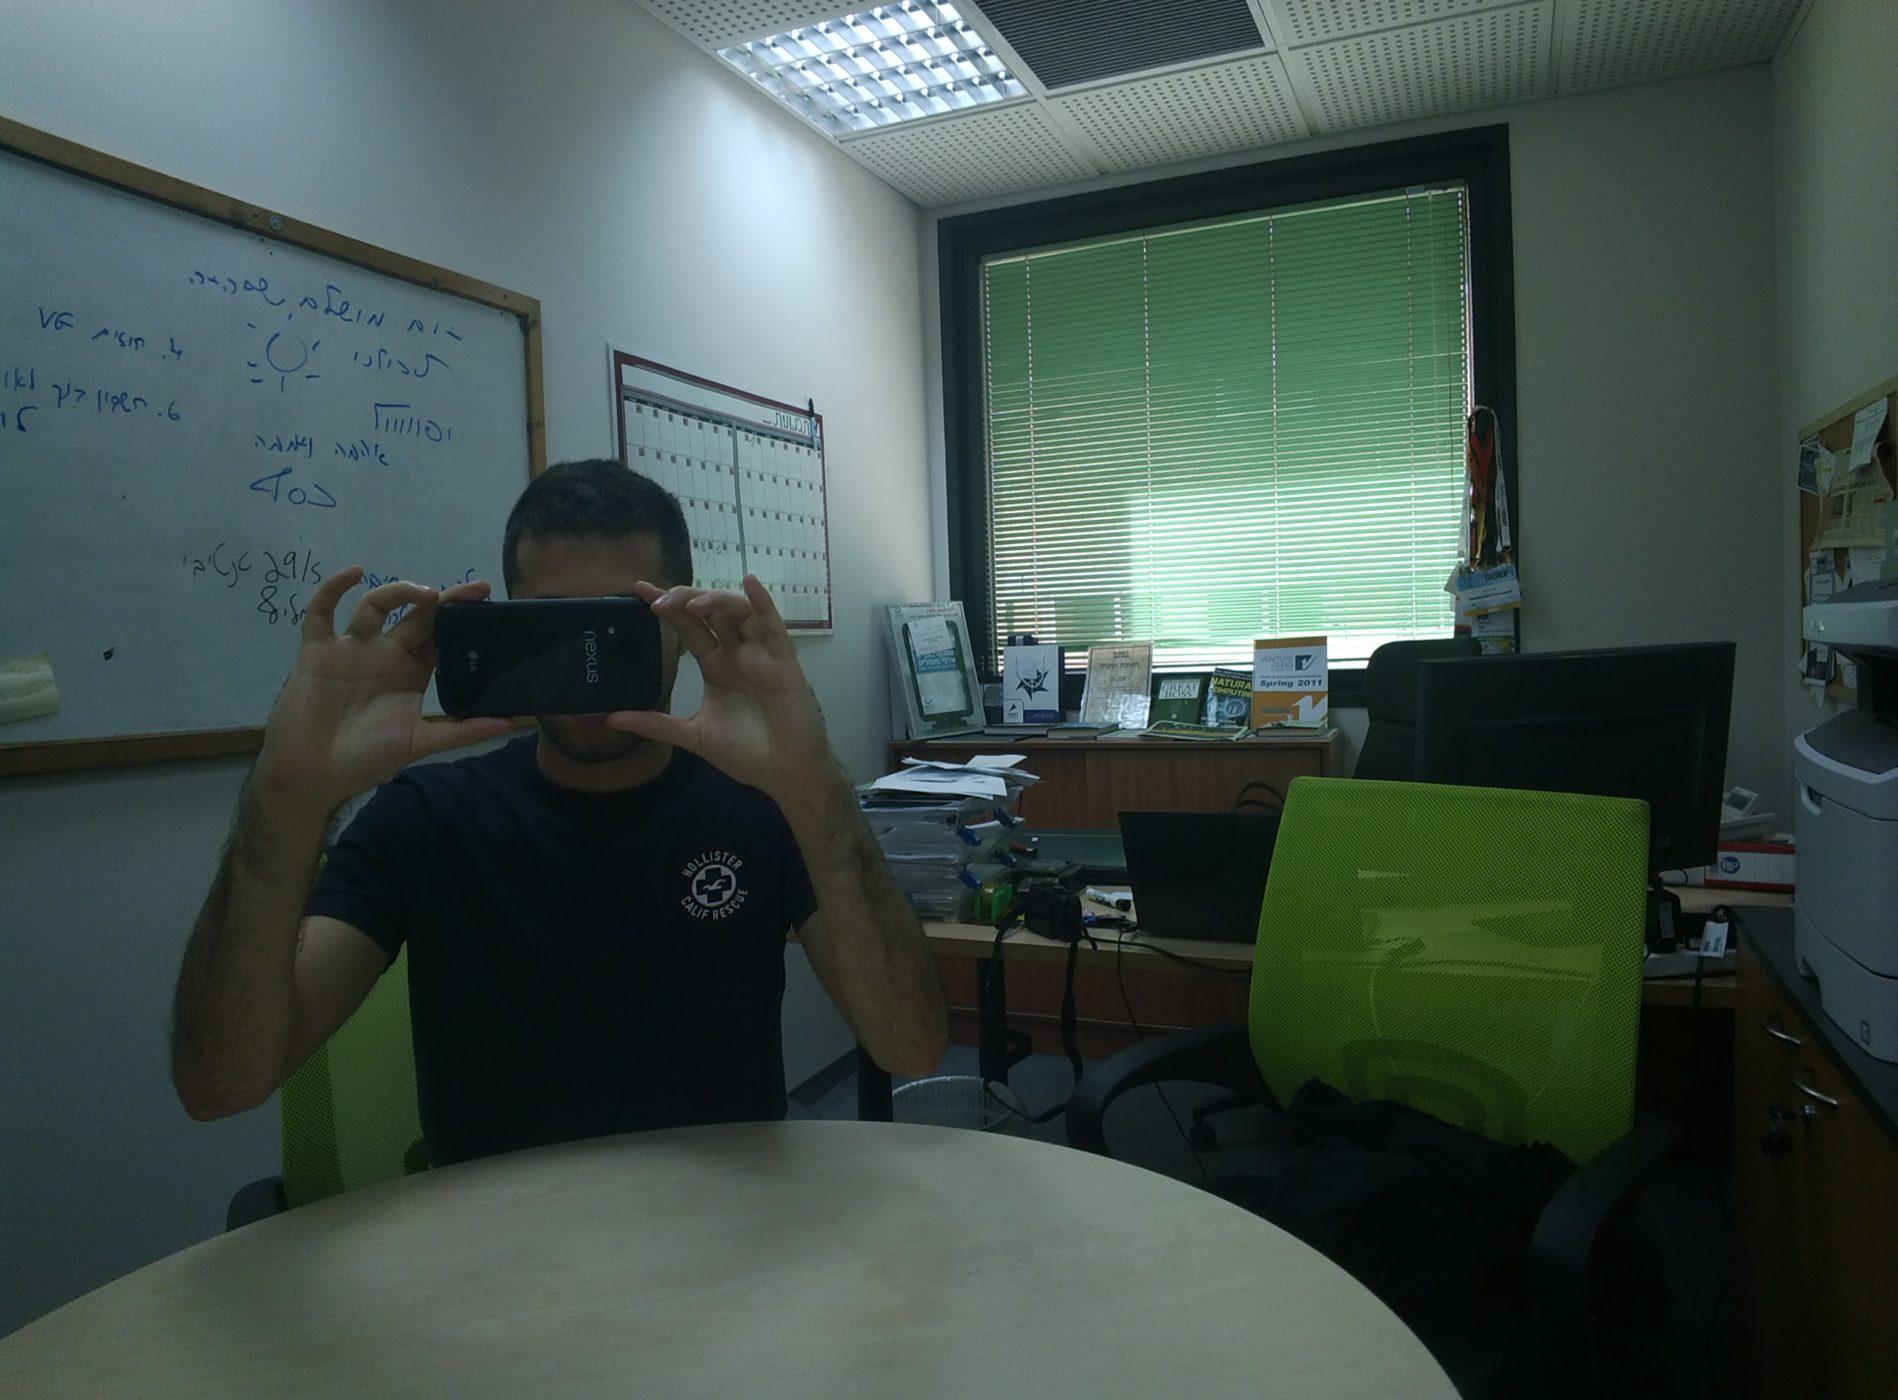 תמונה שצולמה באמצעות Google Glass בעת הסקירה